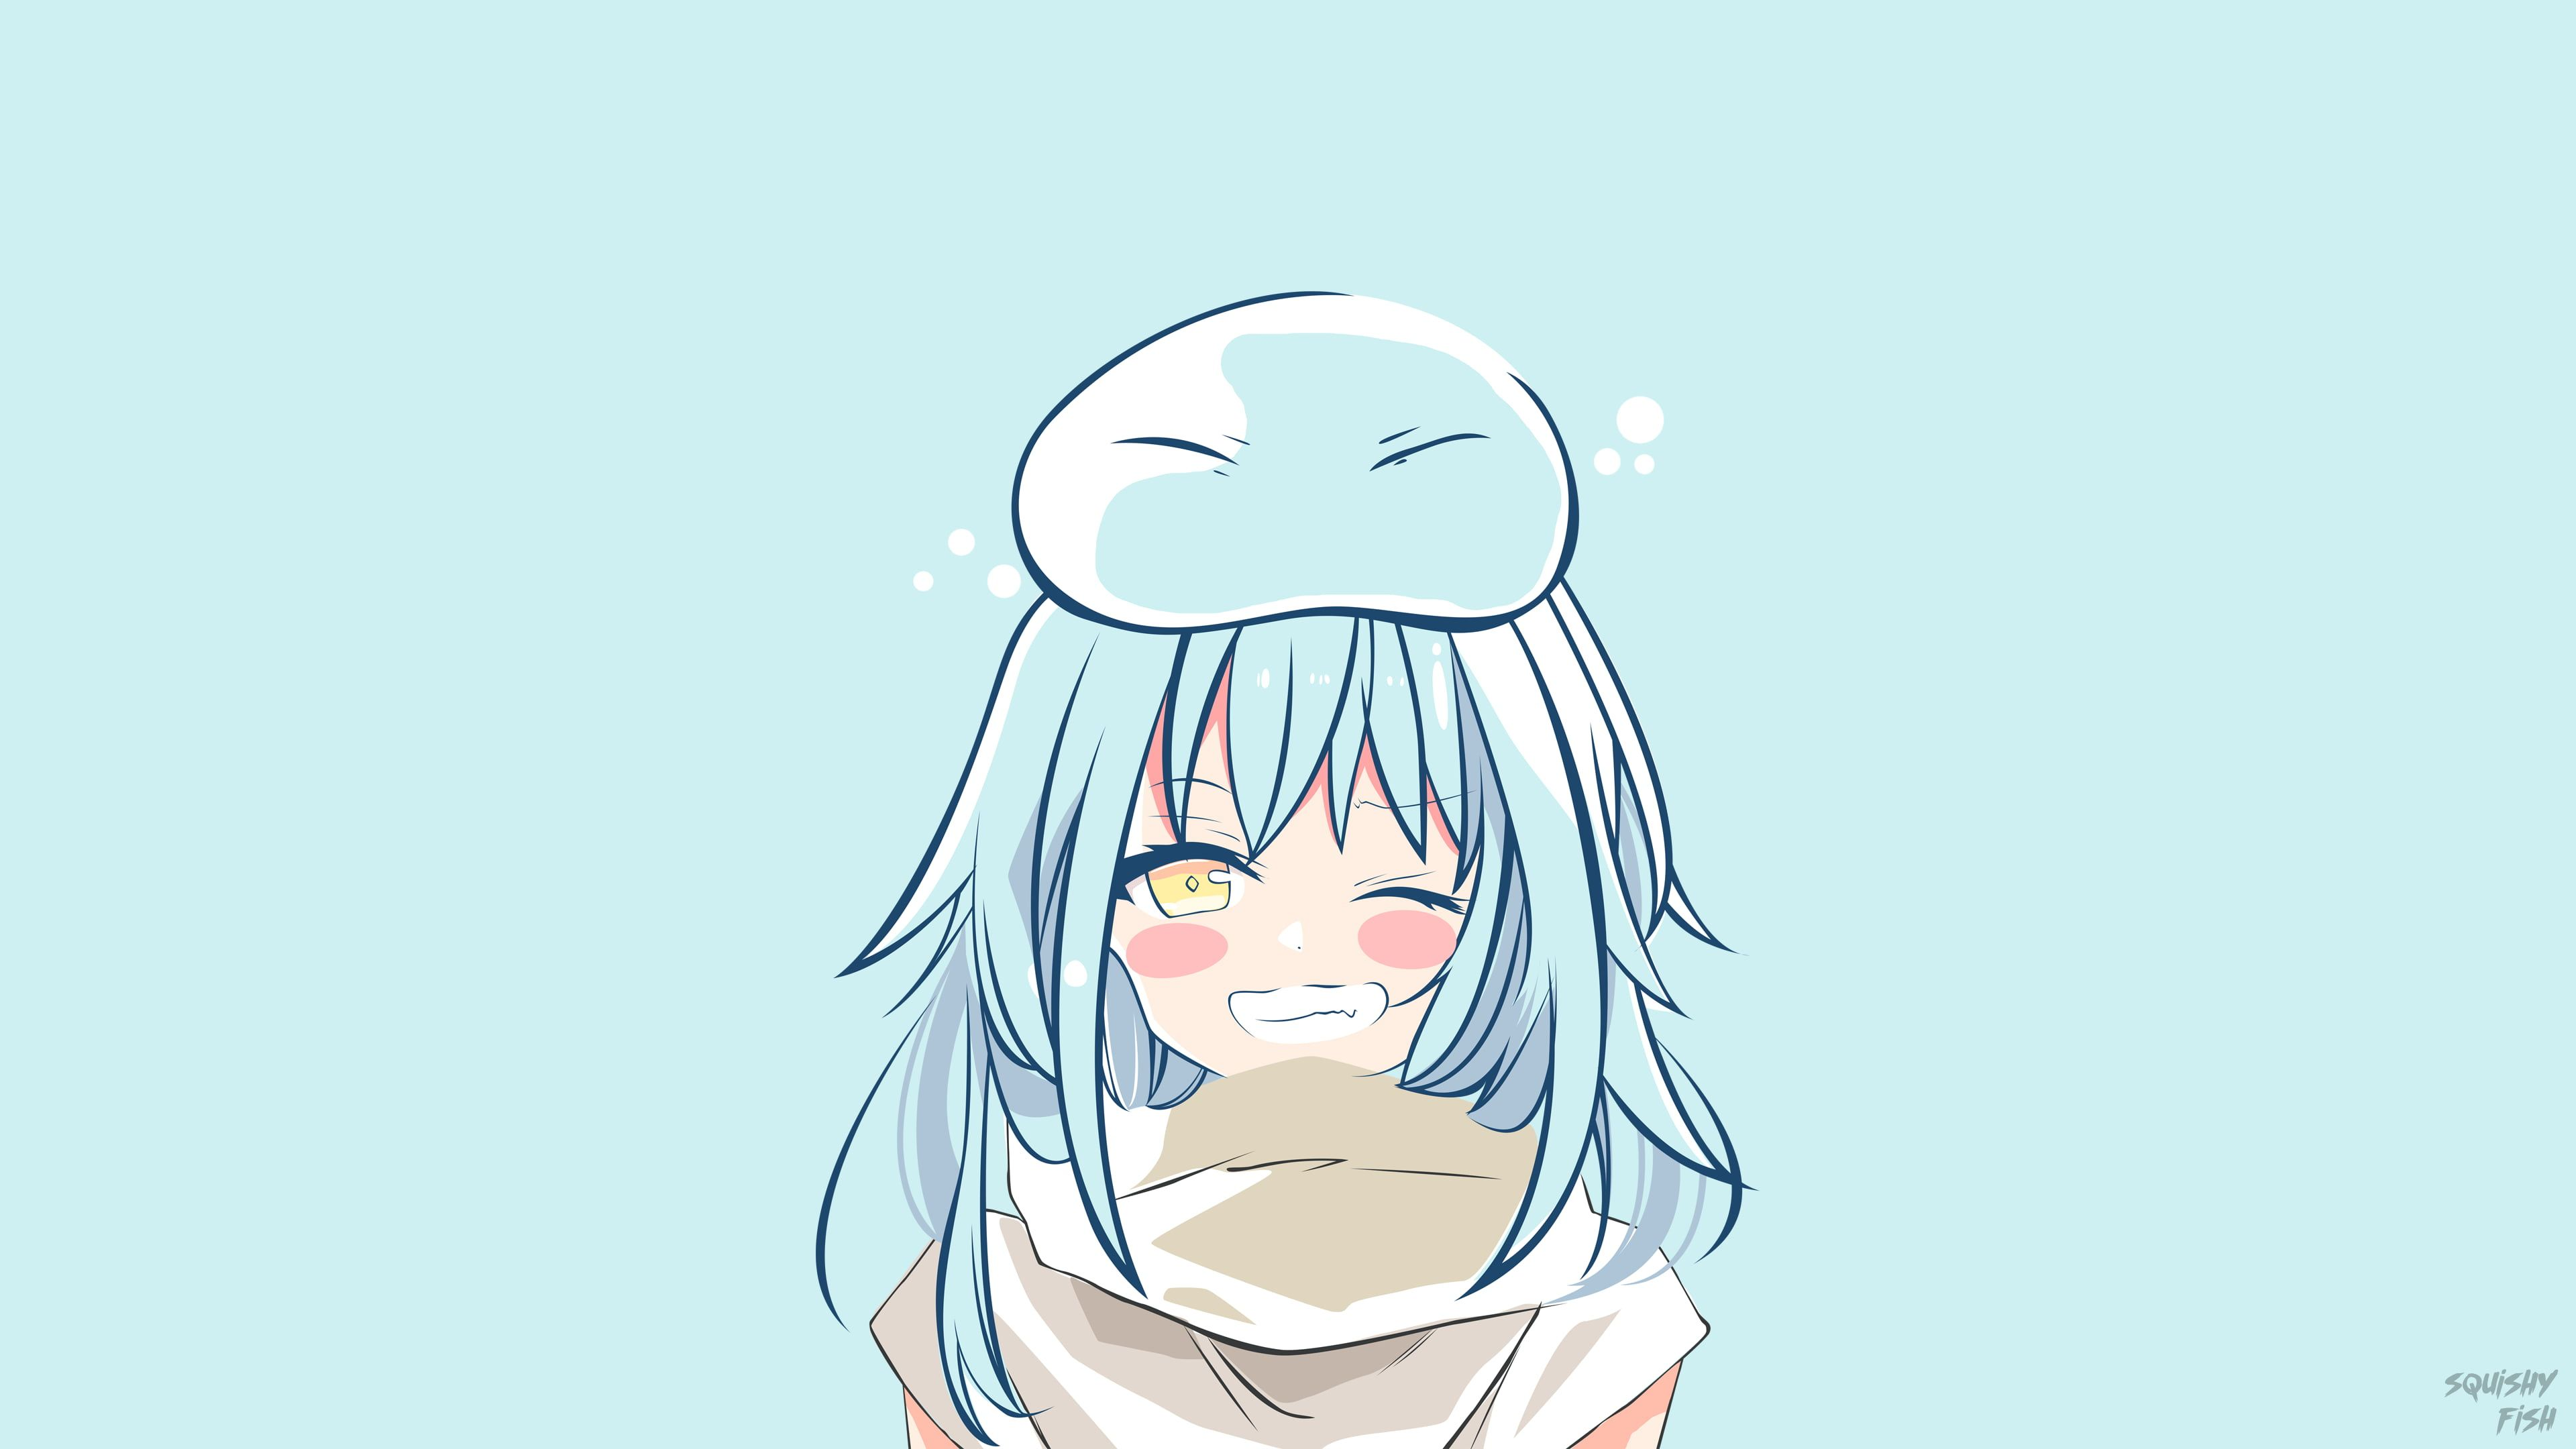 2048x1724 rimuru tempest, shizue izawa wallpaper. Anime Anime Boys Tensei Shitara Slime Datta Ken Rimuru 4k Wallpaper Hdwallpaper Desktop Anime Anime Boy Slime Wallpaper